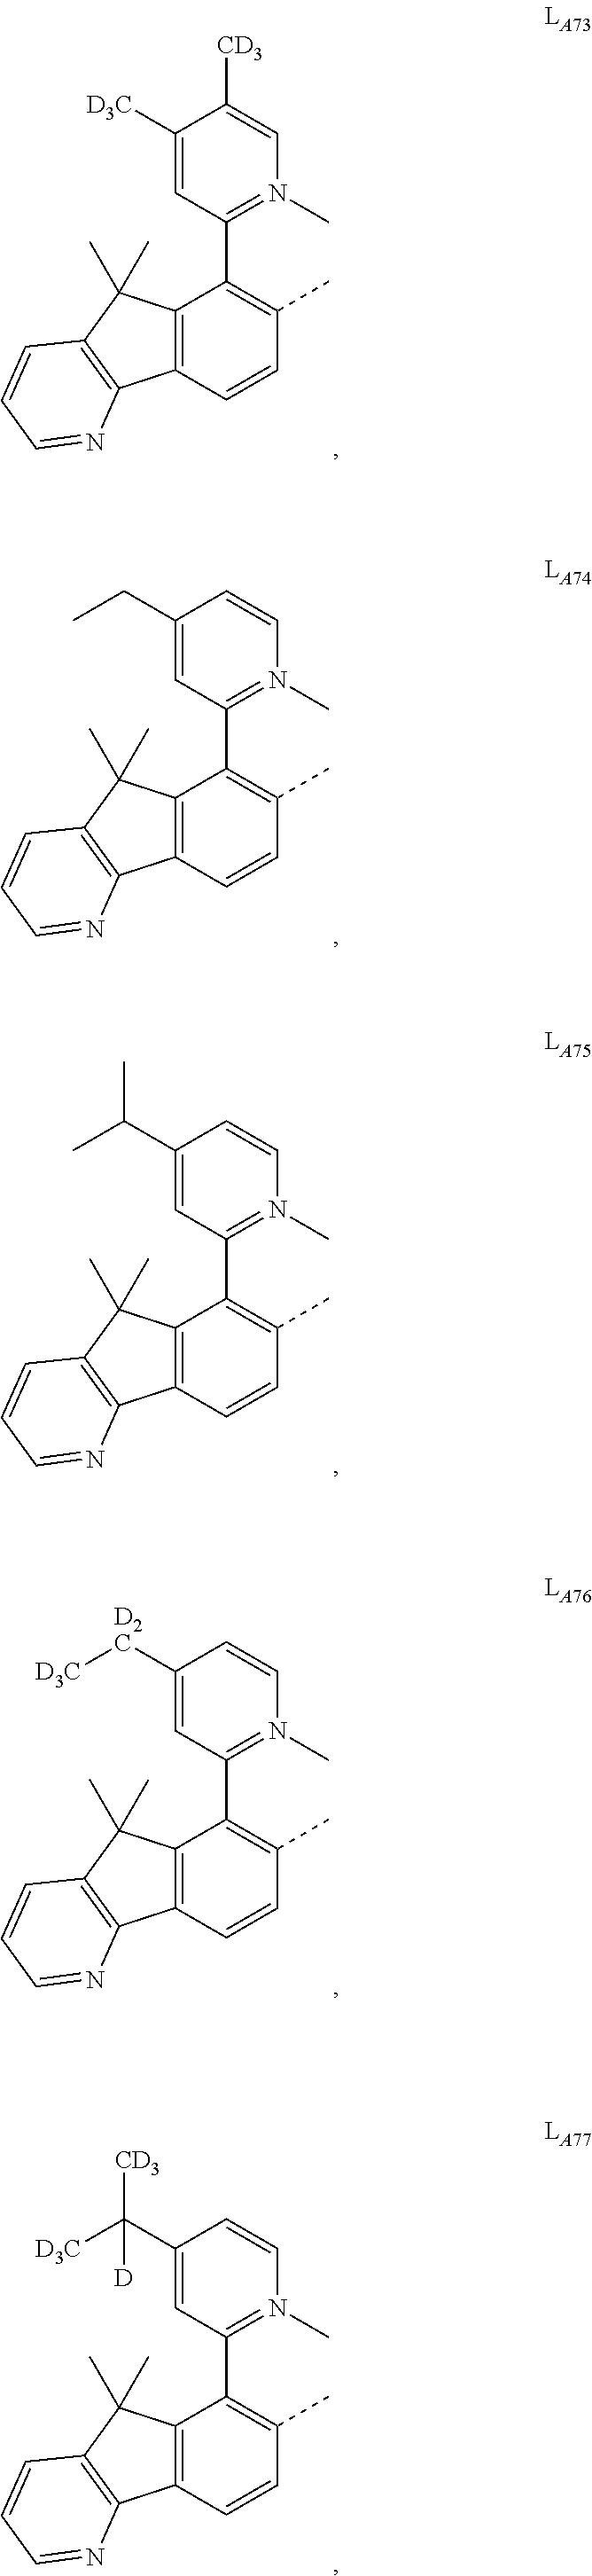 Figure US10003034-20180619-C00453